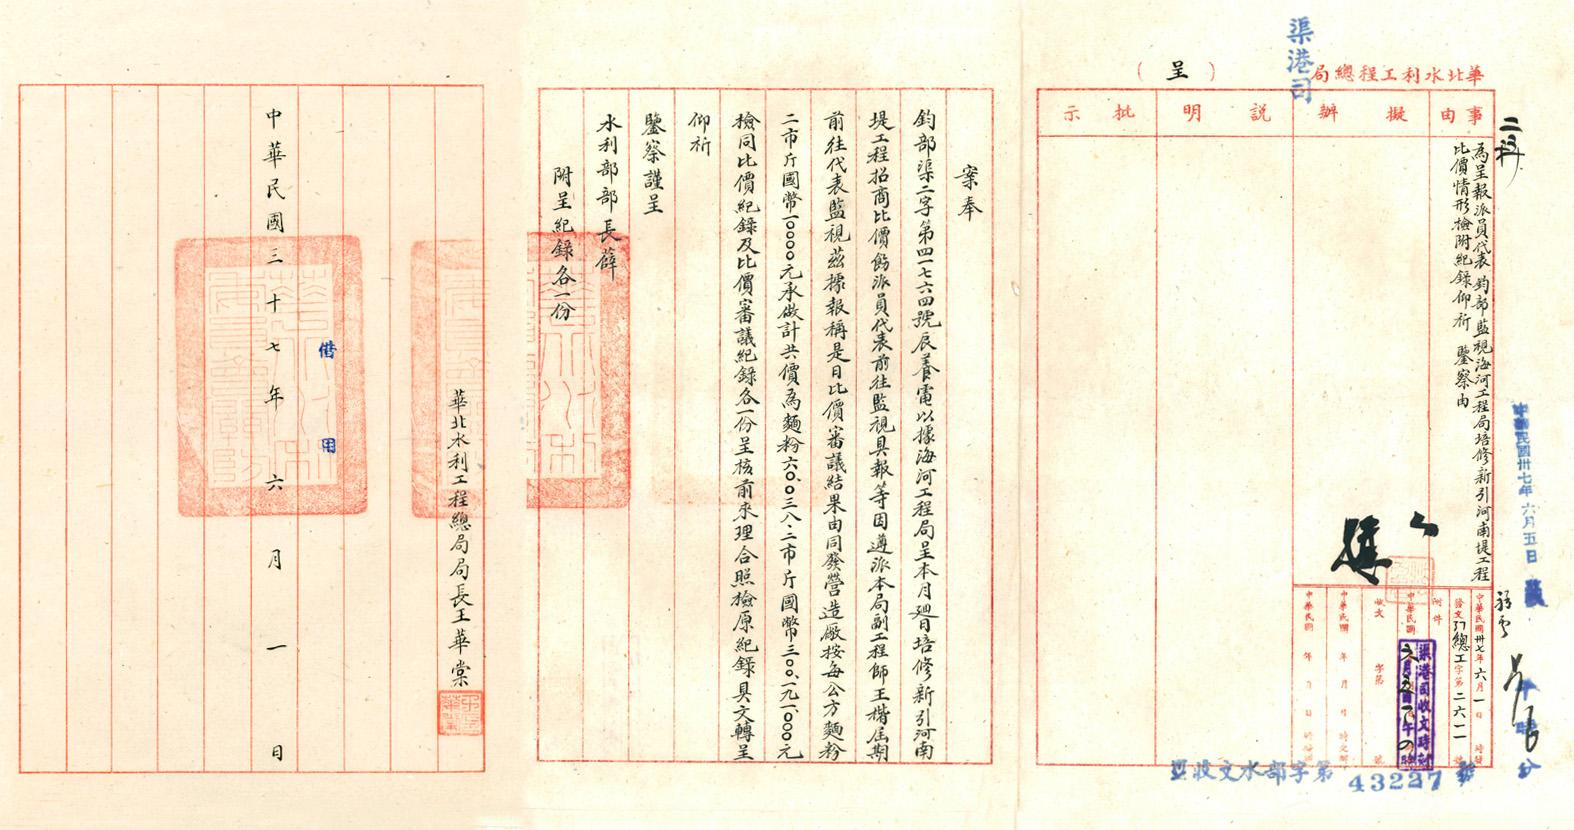 民國37年6月,華北水利工程總局局長王華棠呈